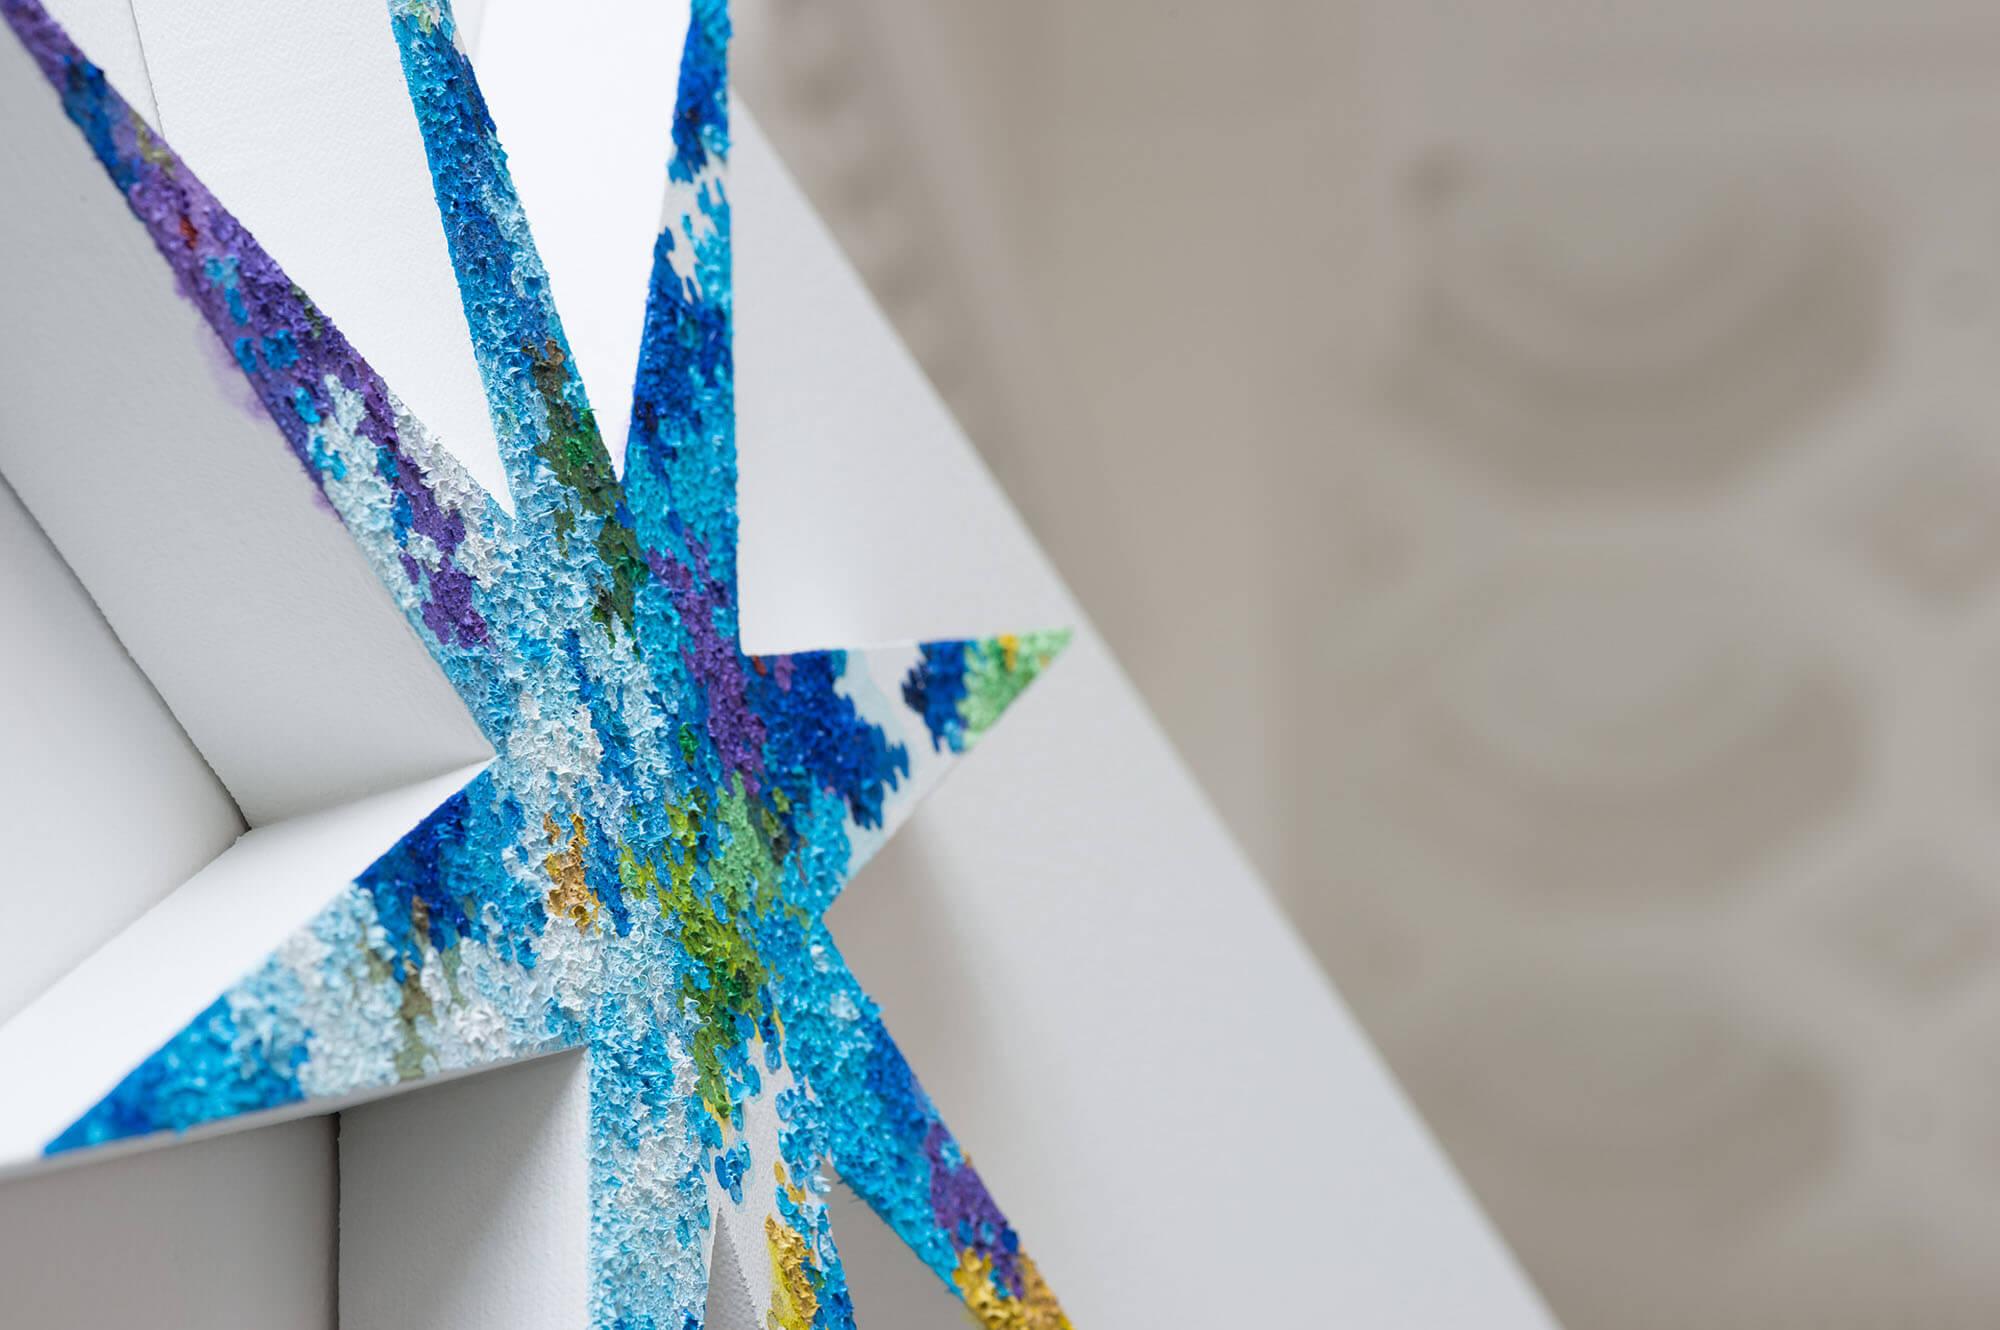 YCC Gallery 内海聖史 | 展覧会ディレクション・プロデュース | offsociety inc.